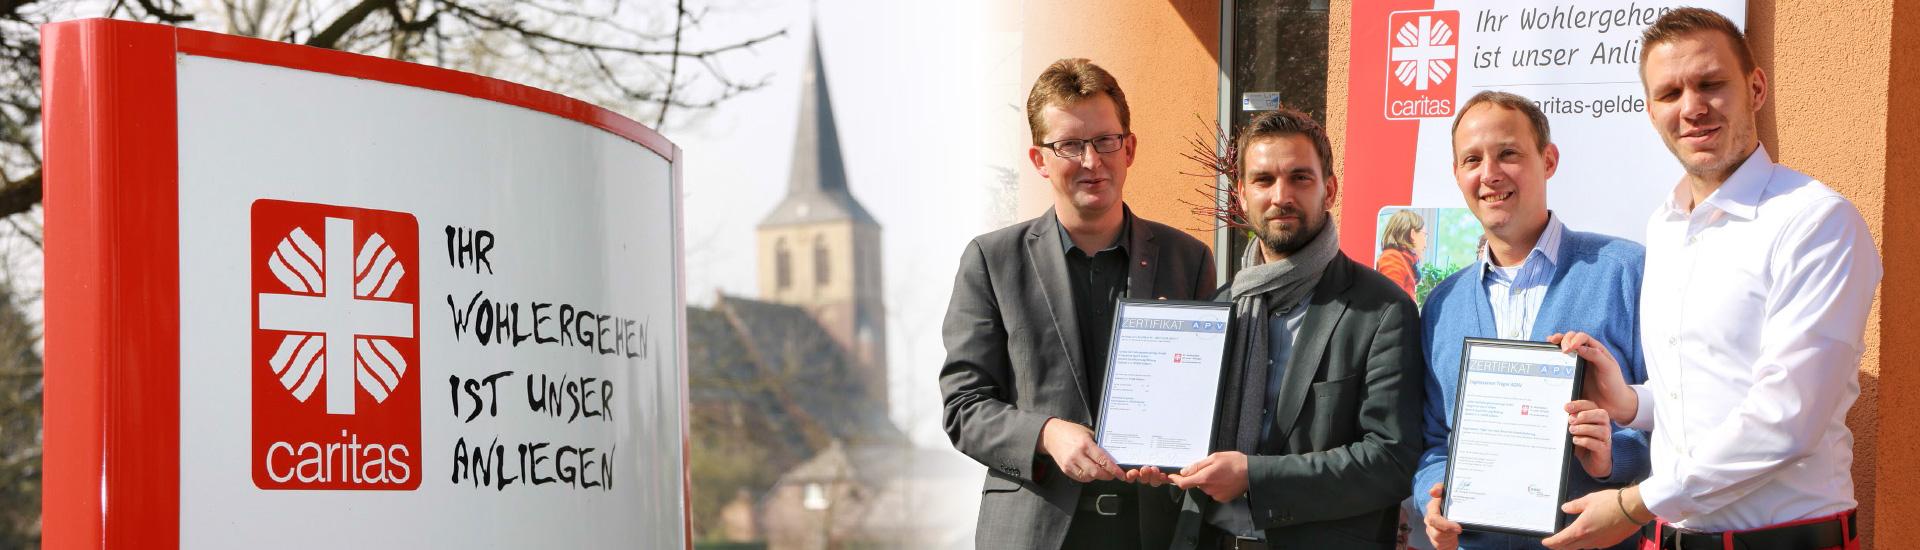 Zertifikatsübergabe nach erfolgreich durchgeführter AZAV Zulassung bei der caritas-betriebe gemeinnützige GmbH in Geldern